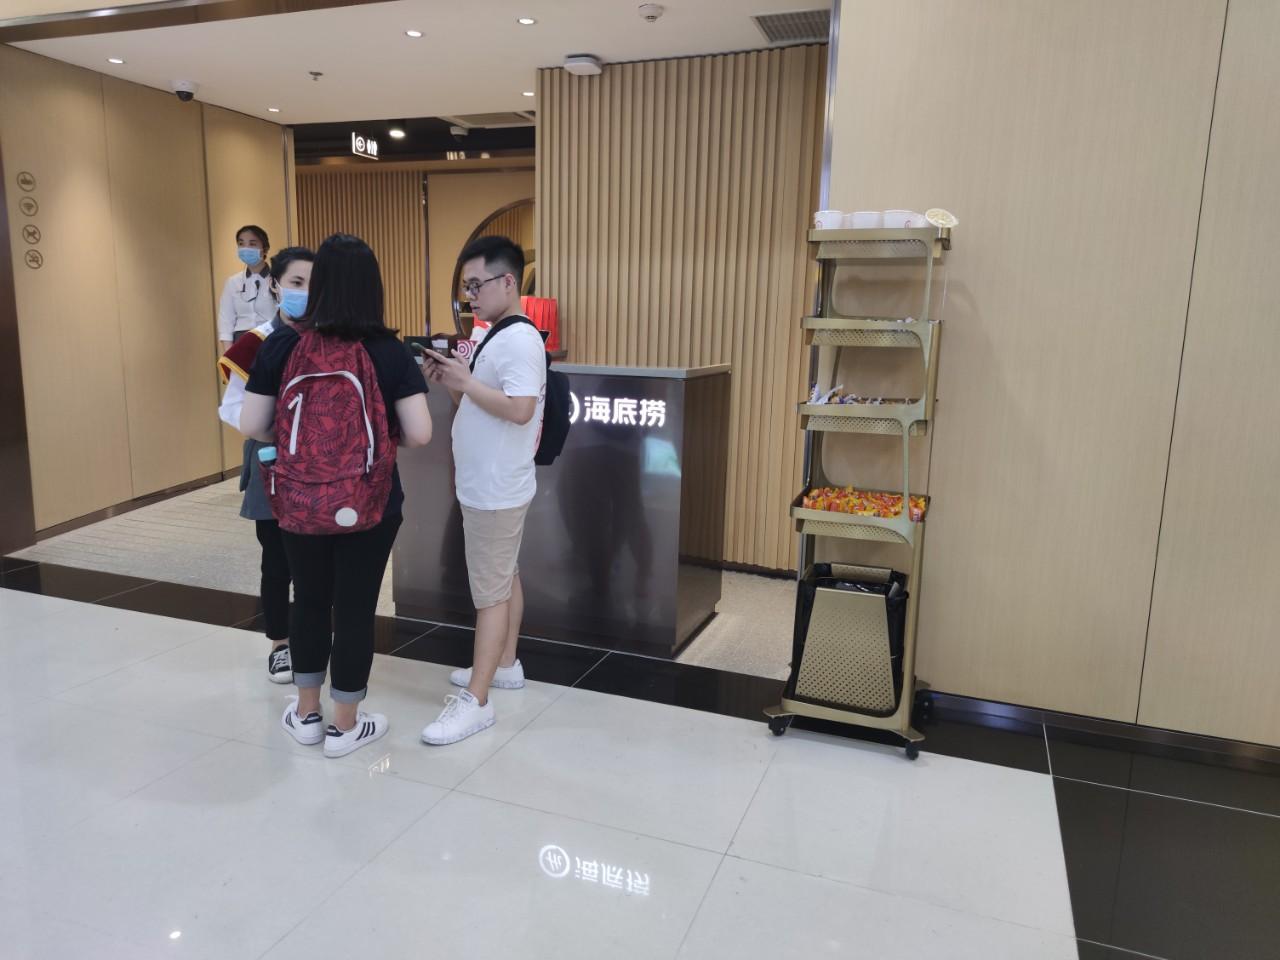 Halidao Hà Nội trước ngày khai trương: Đã mở đón khách, chỉ nhận thanh toán tiền mặt - Ảnh 3.